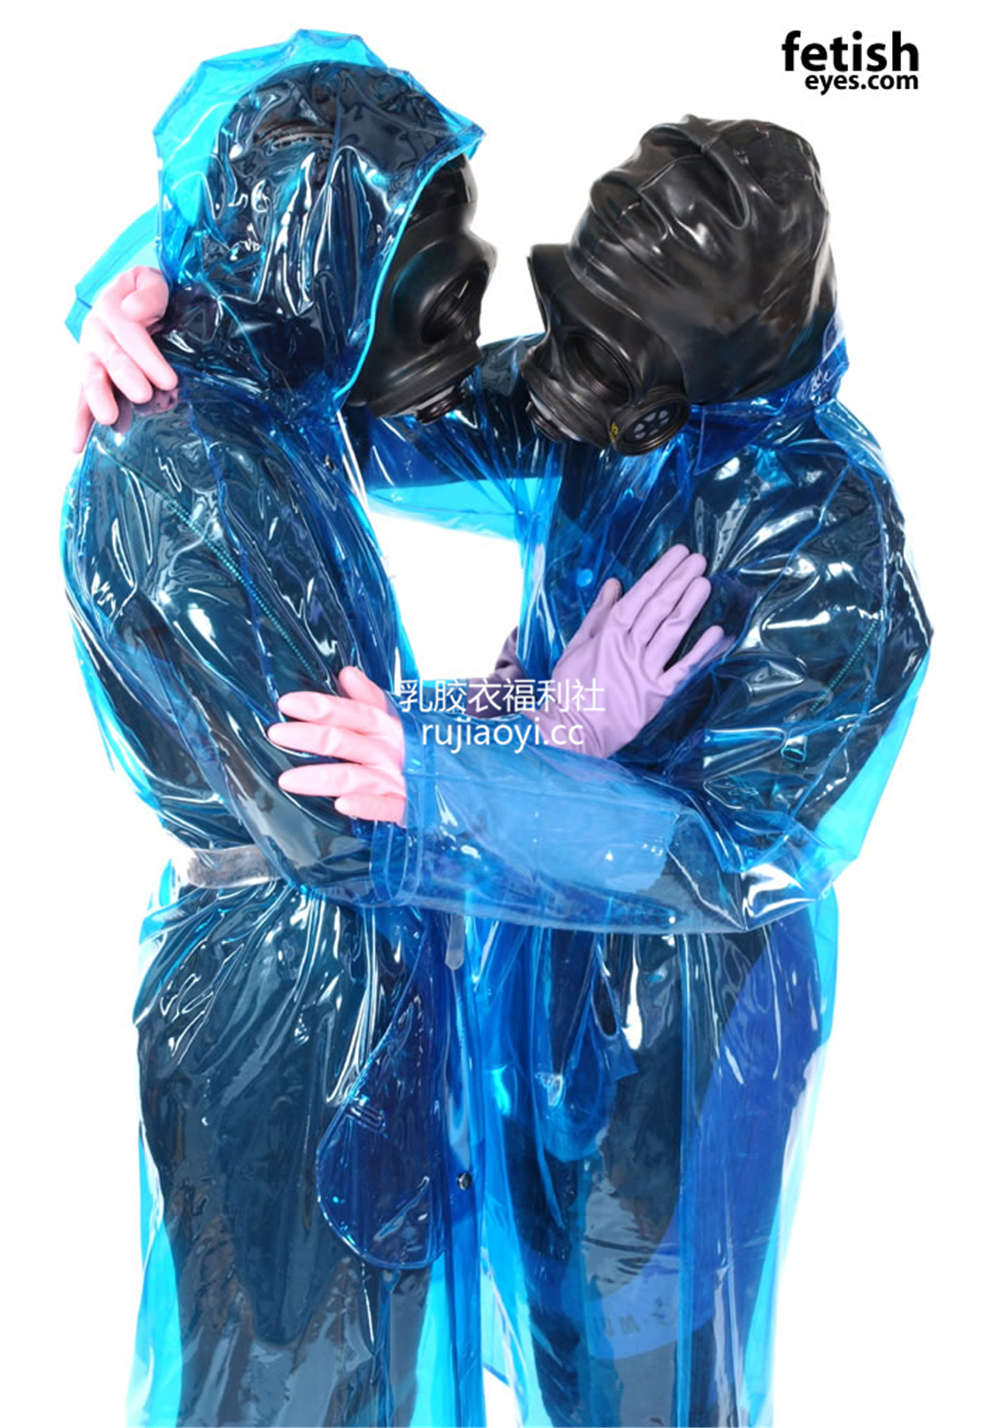 [FetishEyes] 防毒面具乳胶衣搭配PVC外套 [30P/4M]